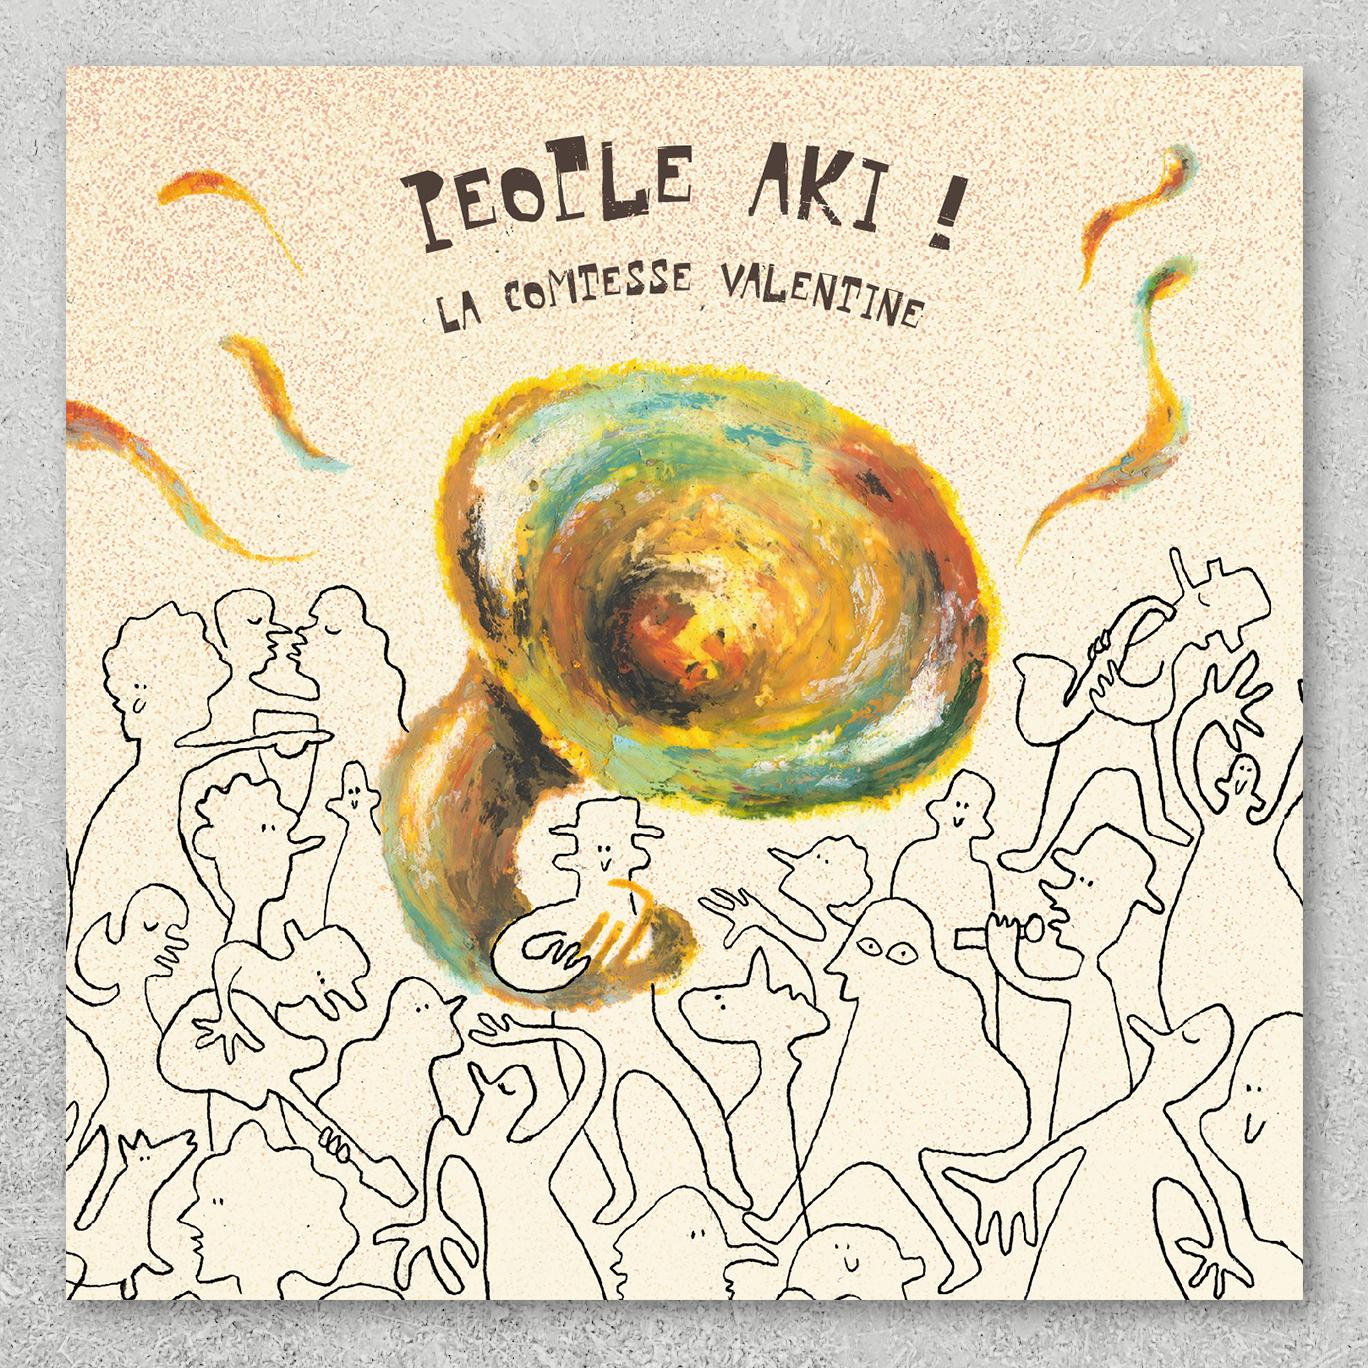 People Aki ! – Album Musique